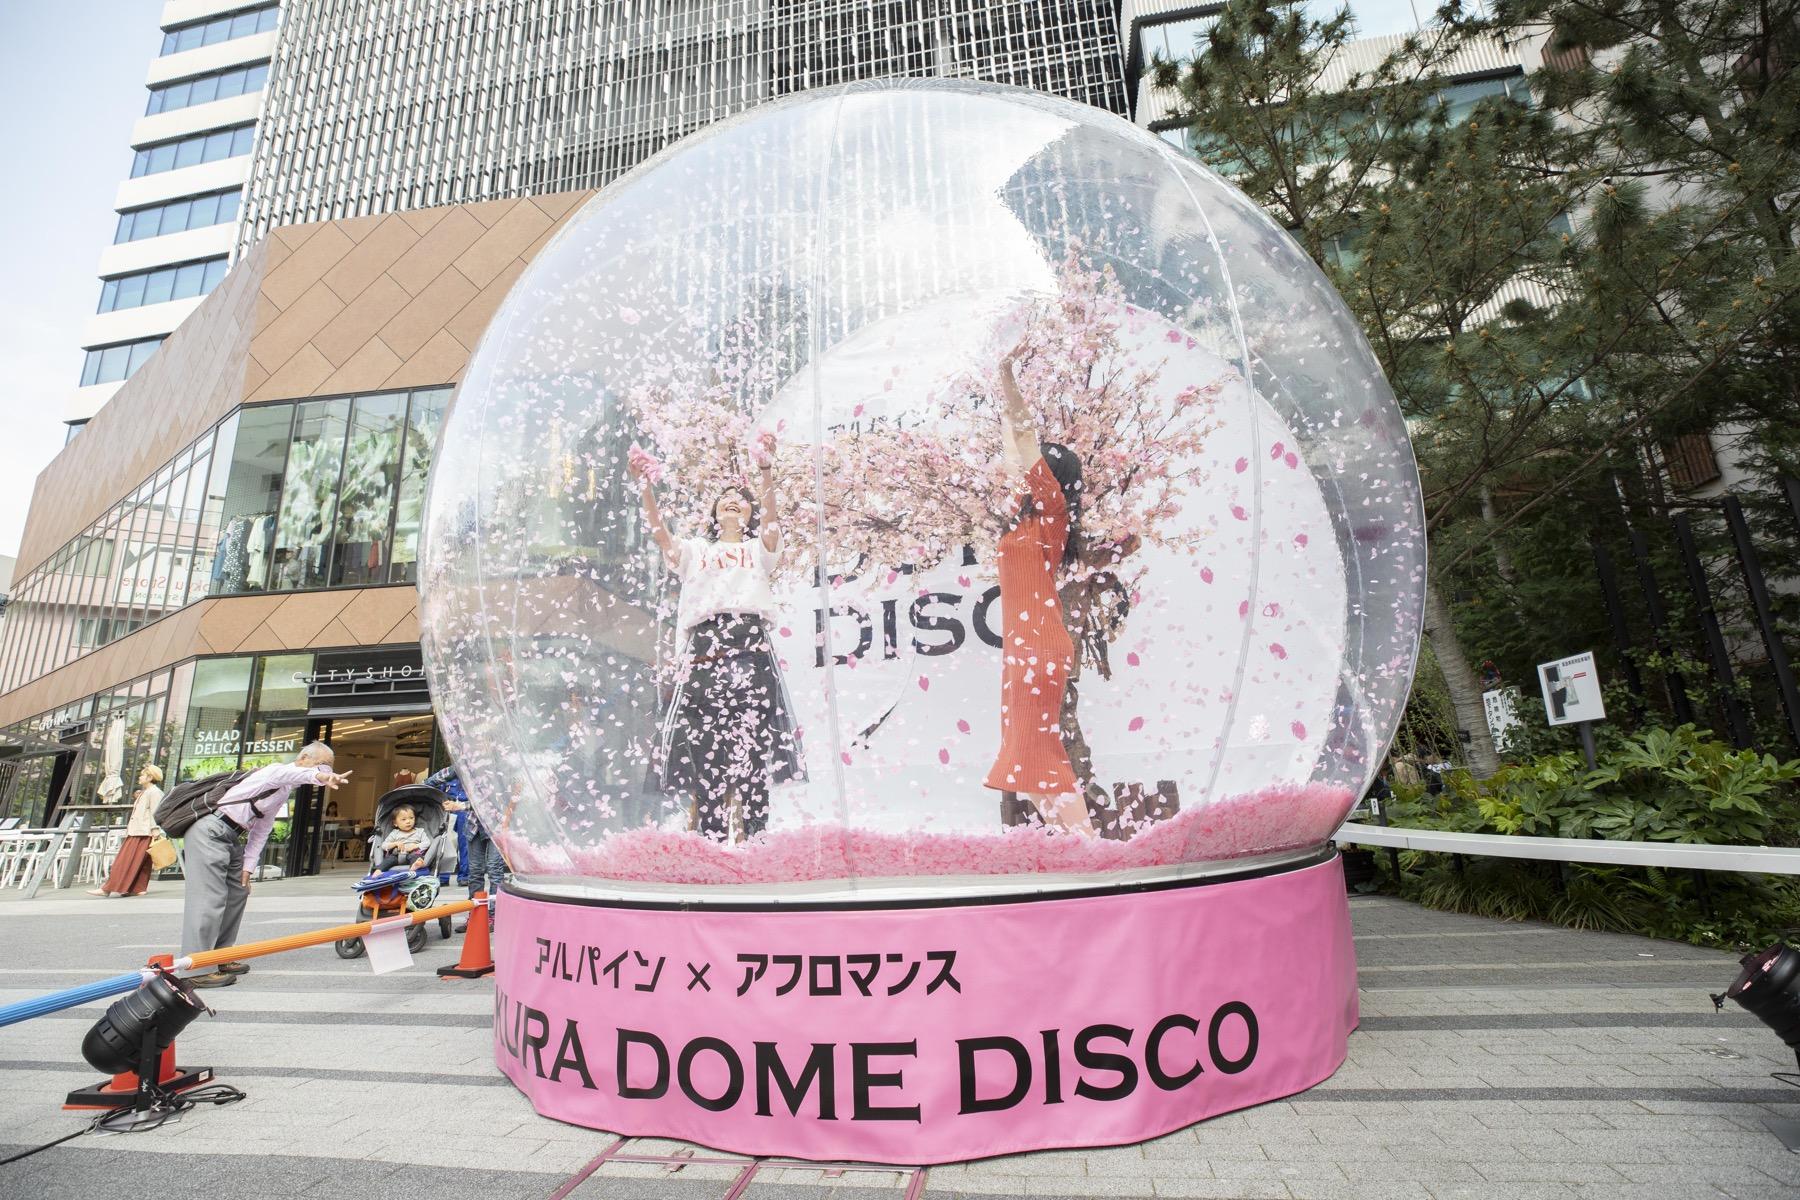 190421_SAKURA DOME DISCO_top20 - 7 / 20